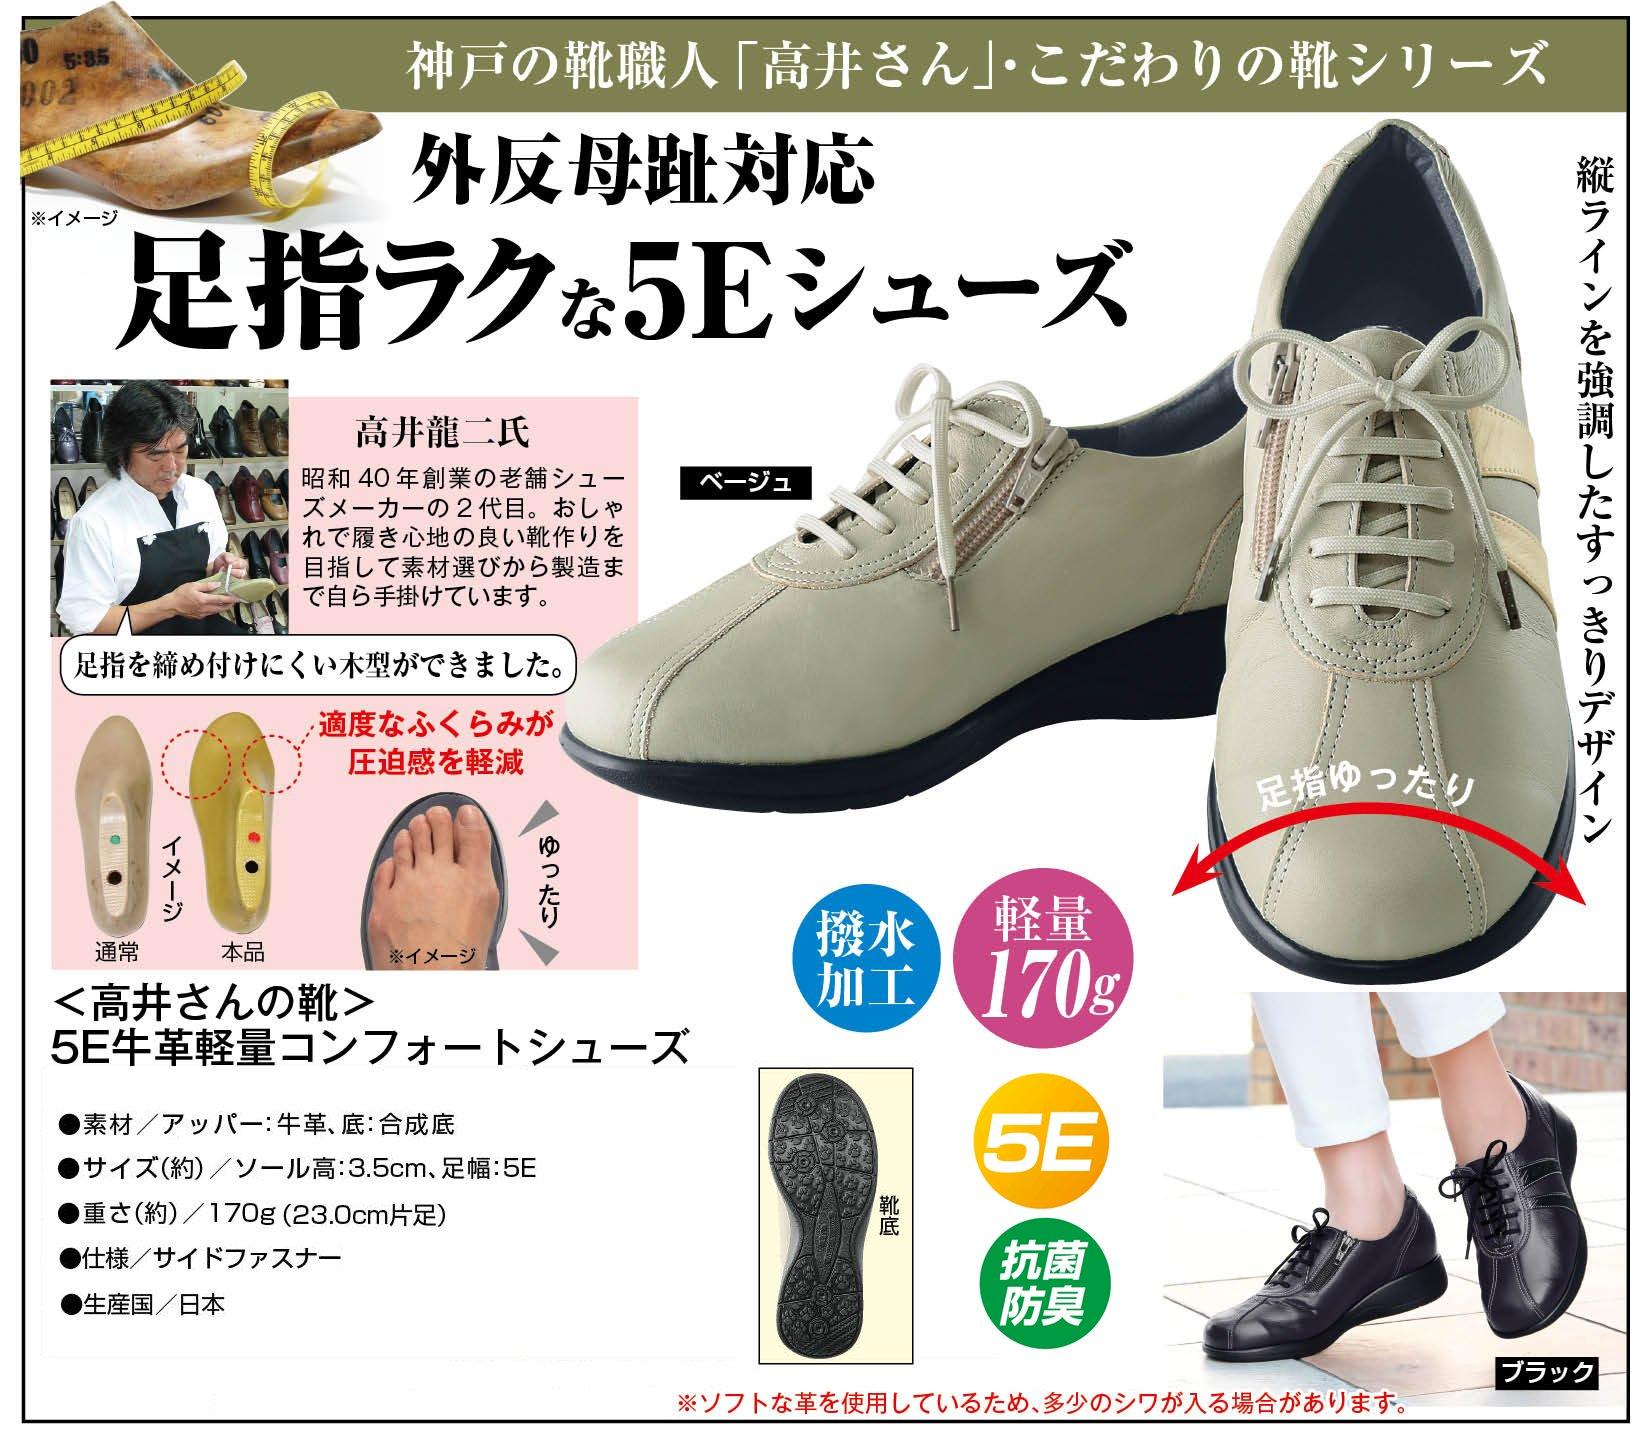 高井さんの靴5E牛革軽量コンフォートシュース